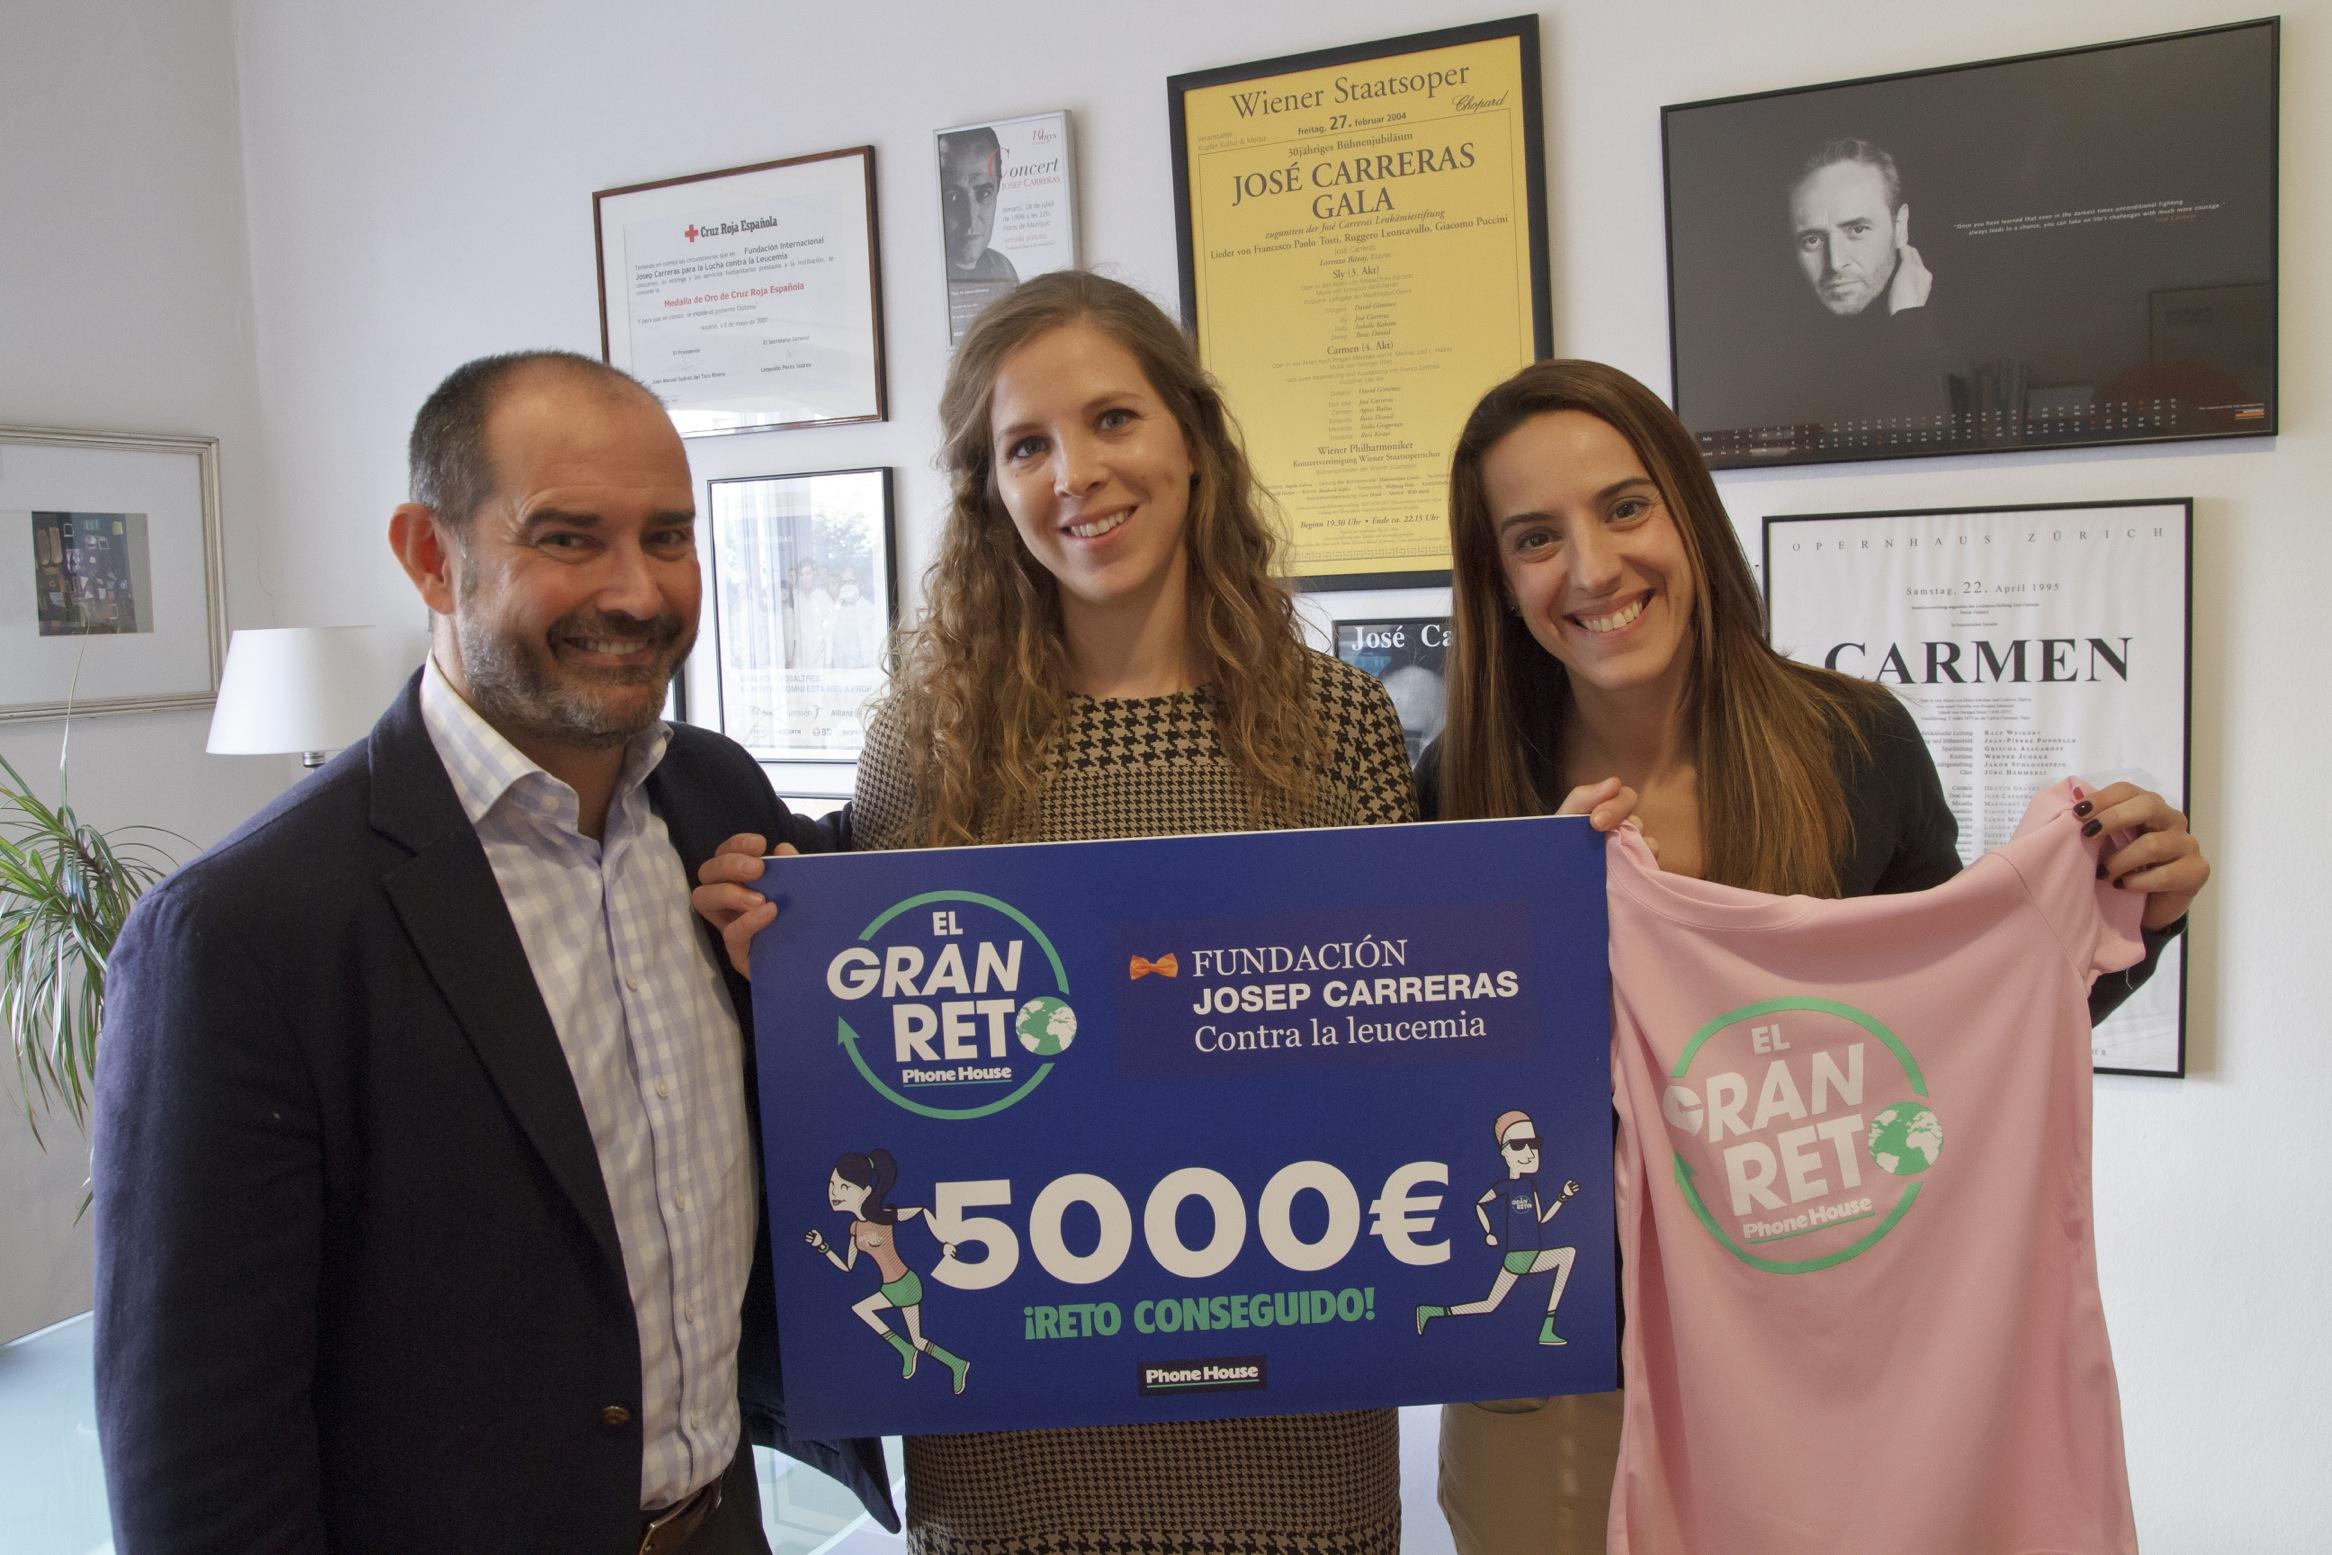 Phone House logra dar la vuelta al mundo para combatir la leucemia